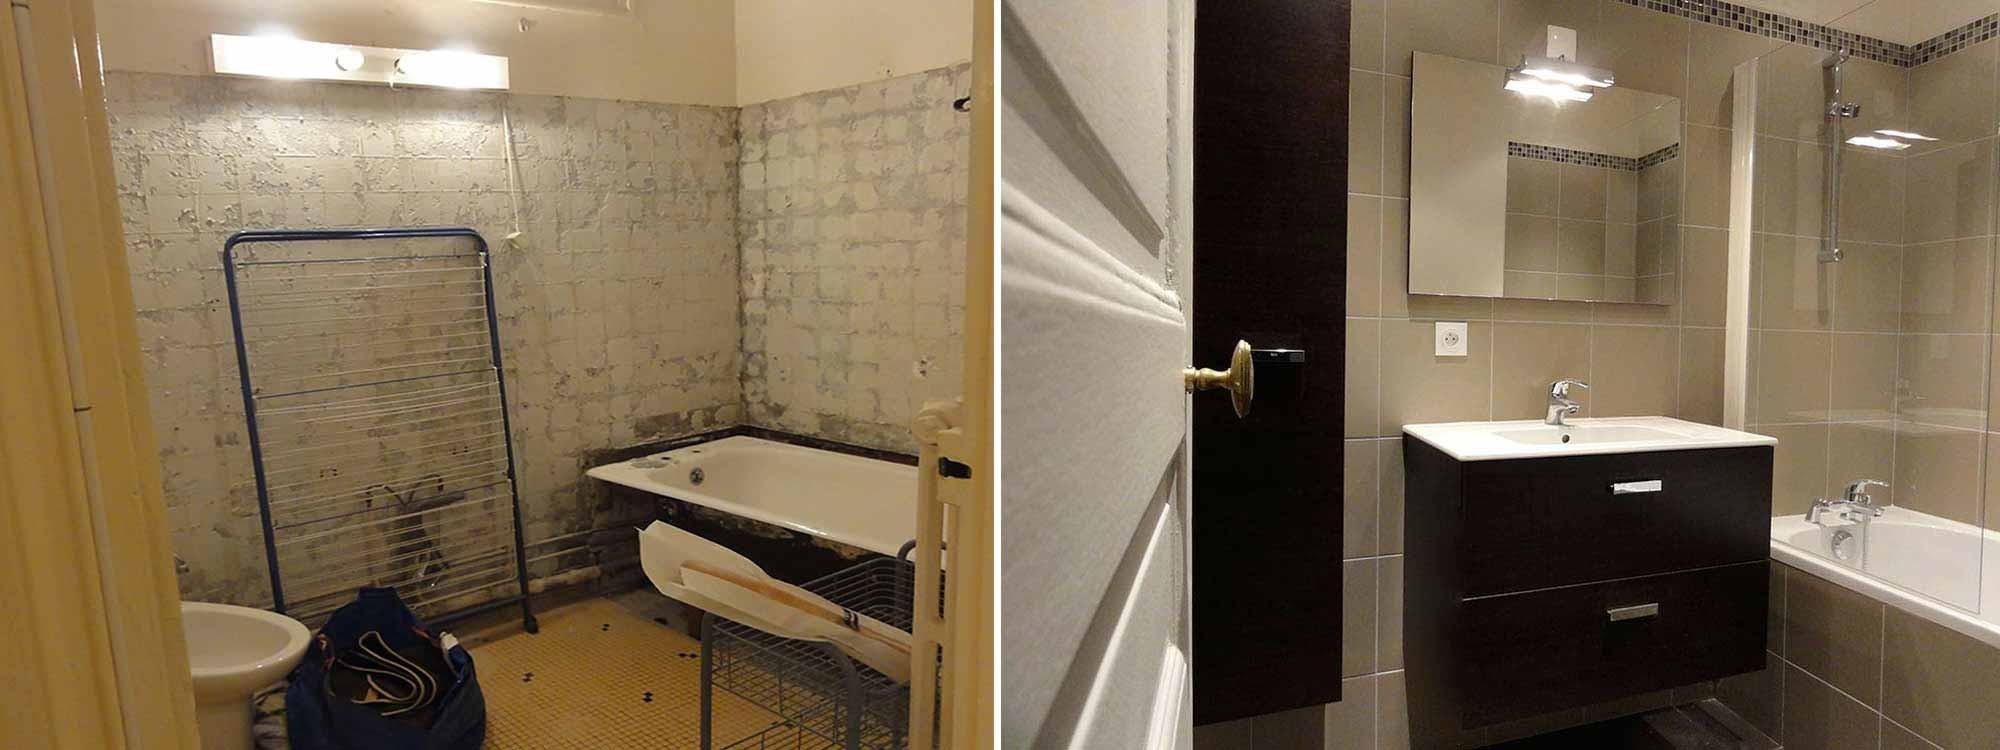 renovation salle de bain exemples avant apres renovation interieure lgelc paris